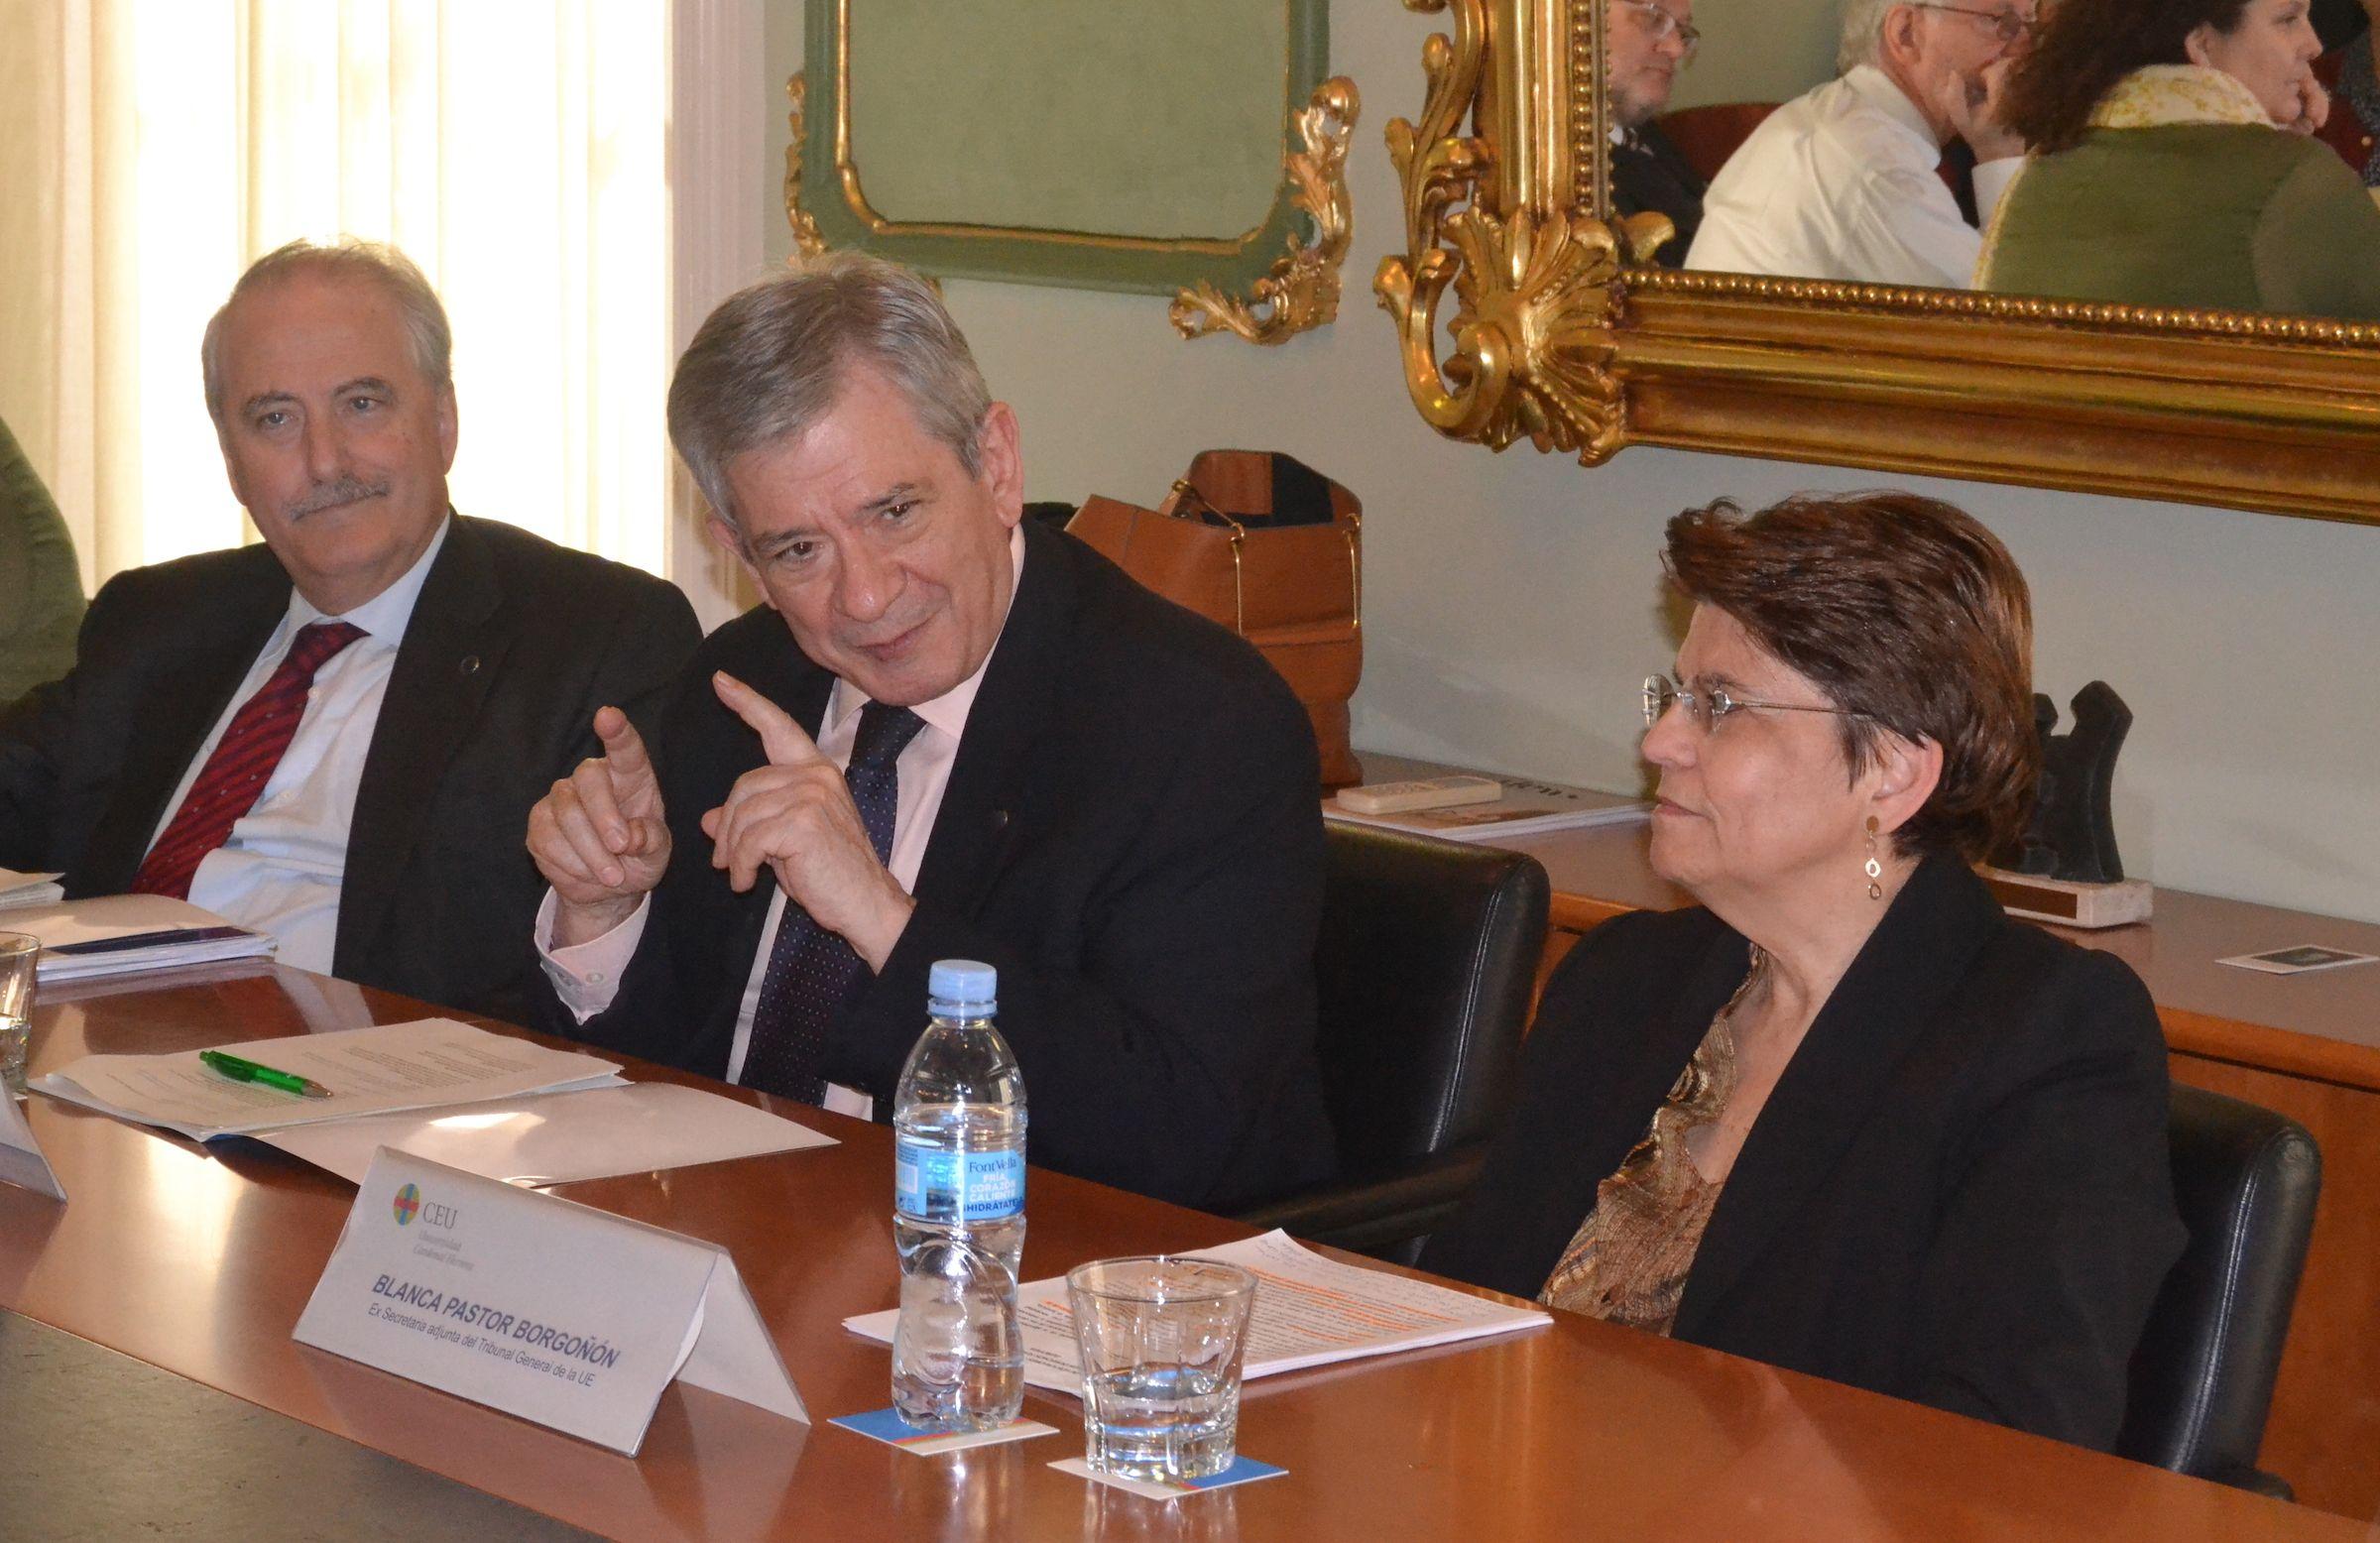 Francisco Fonseca, Enrique Barón y Blanca Pastor, durante el encuentro de expertos.